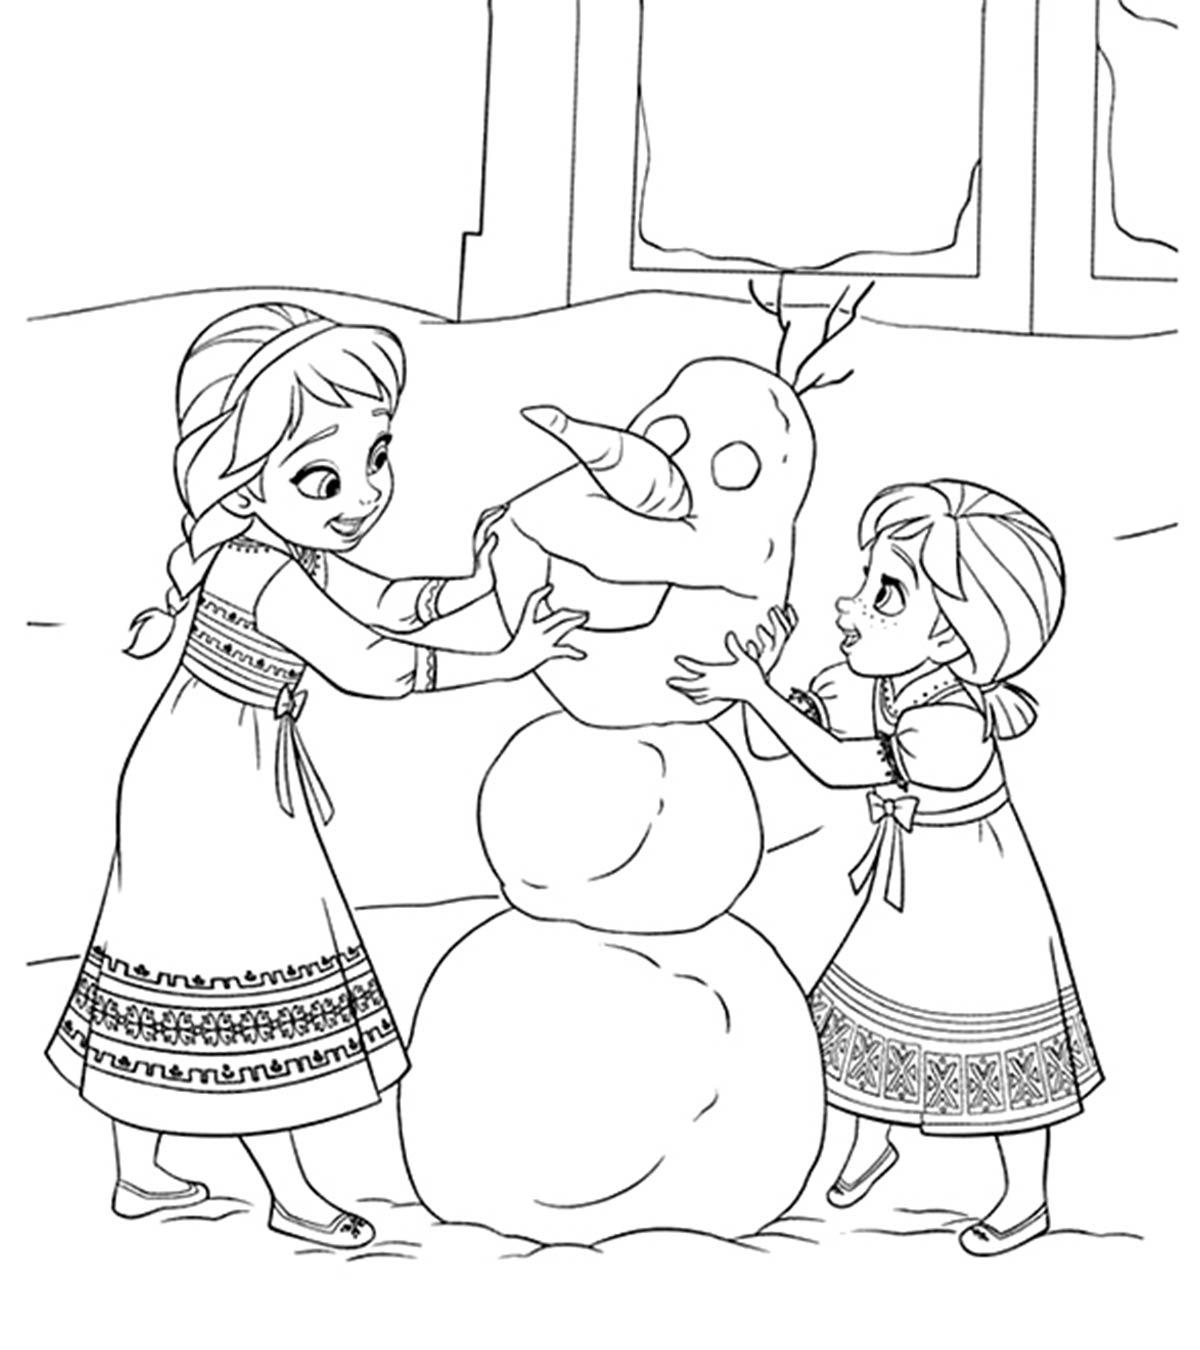 frozen princess coloring pages disney frozen coloring pages to download princess coloring pages frozen